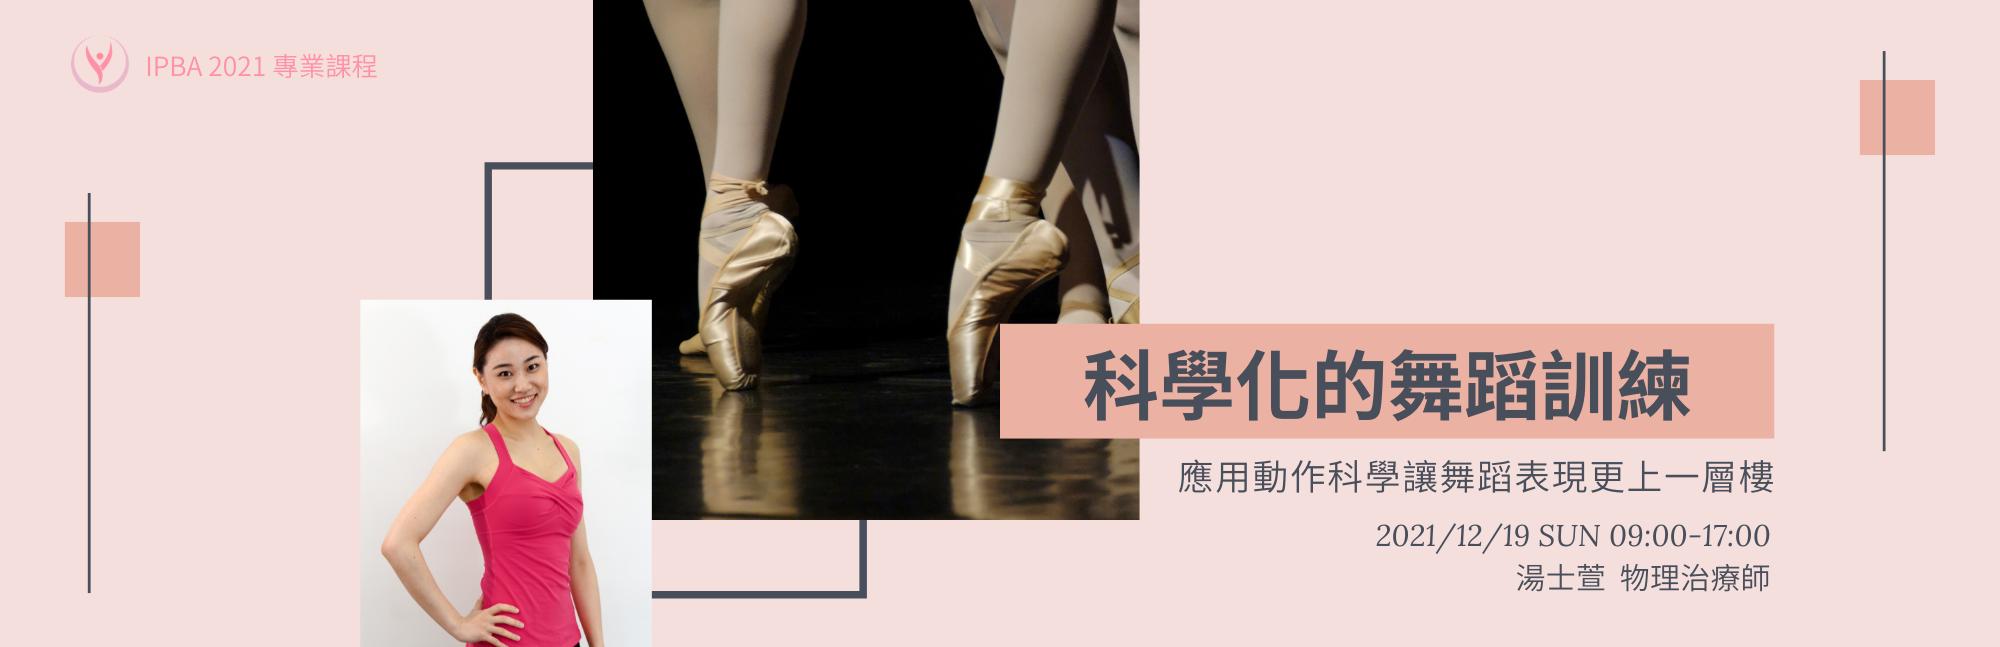 國際體態平衡學會、湯士萱、舞蹈科學、舞蹈治療、舞蹈運動傷害、舞蹈表現、芭蕾、芭蕾舞者